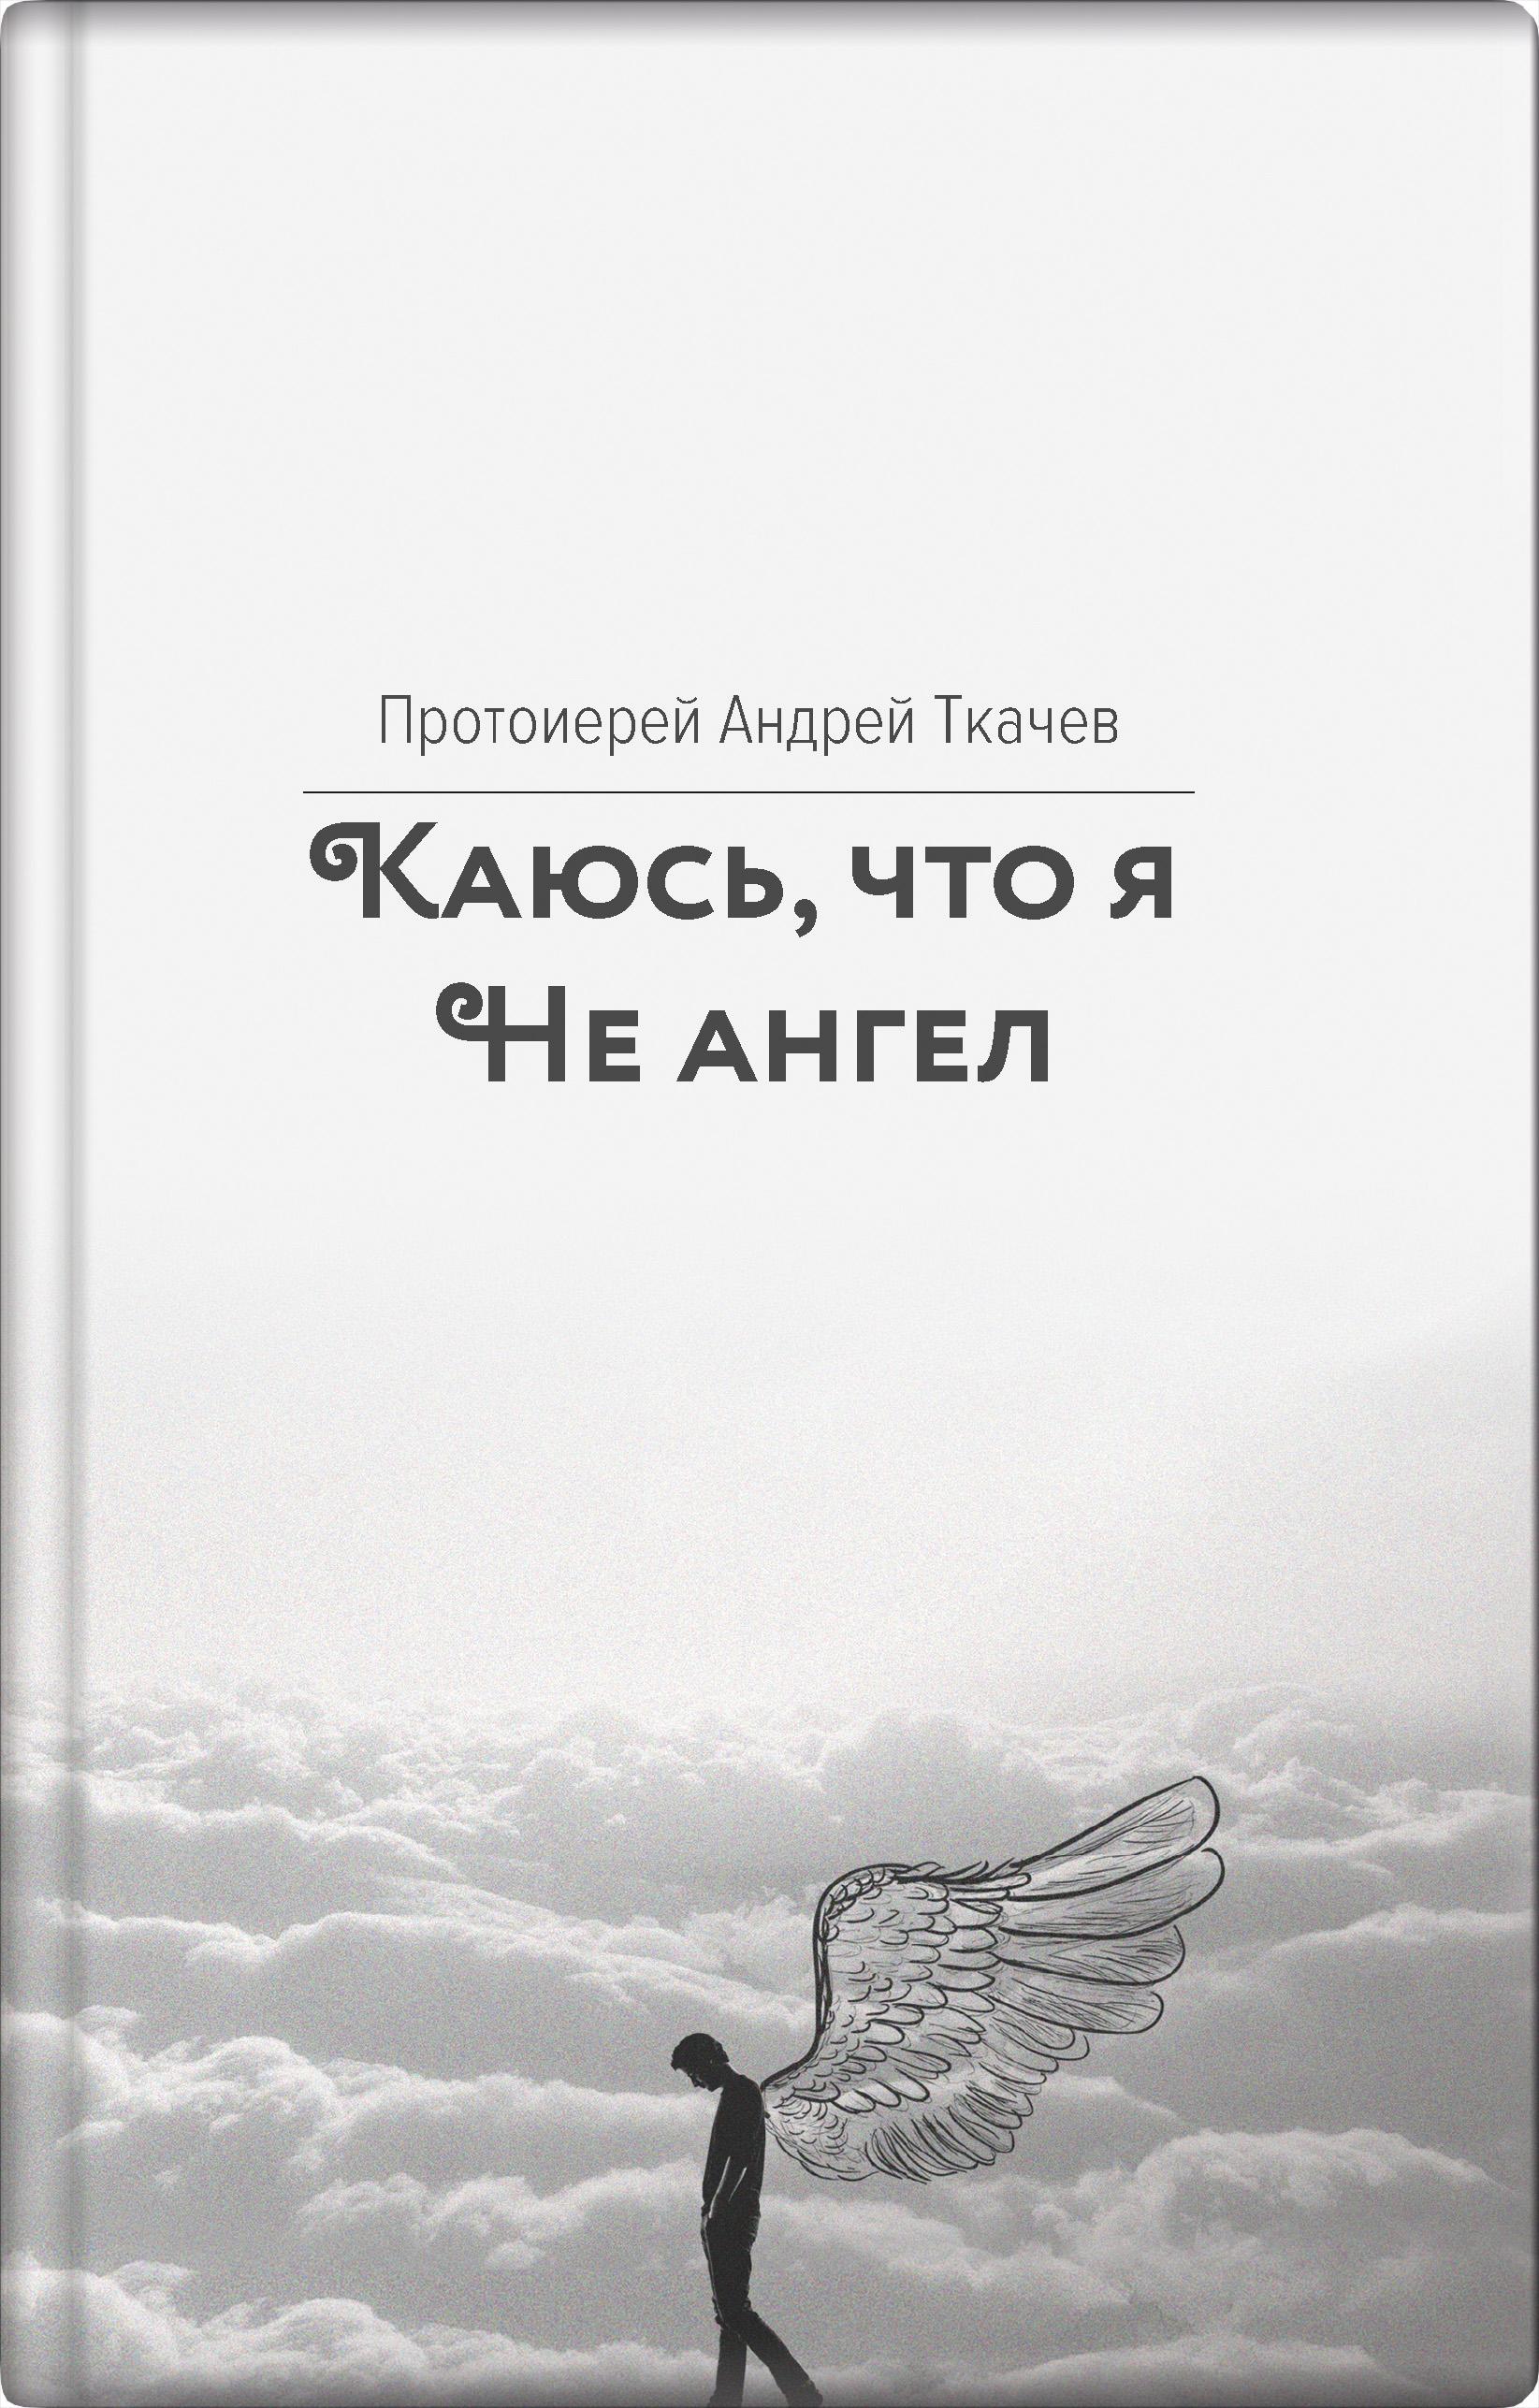 протоиерей Андрей Ткачев - Каюсь, что я не ангел